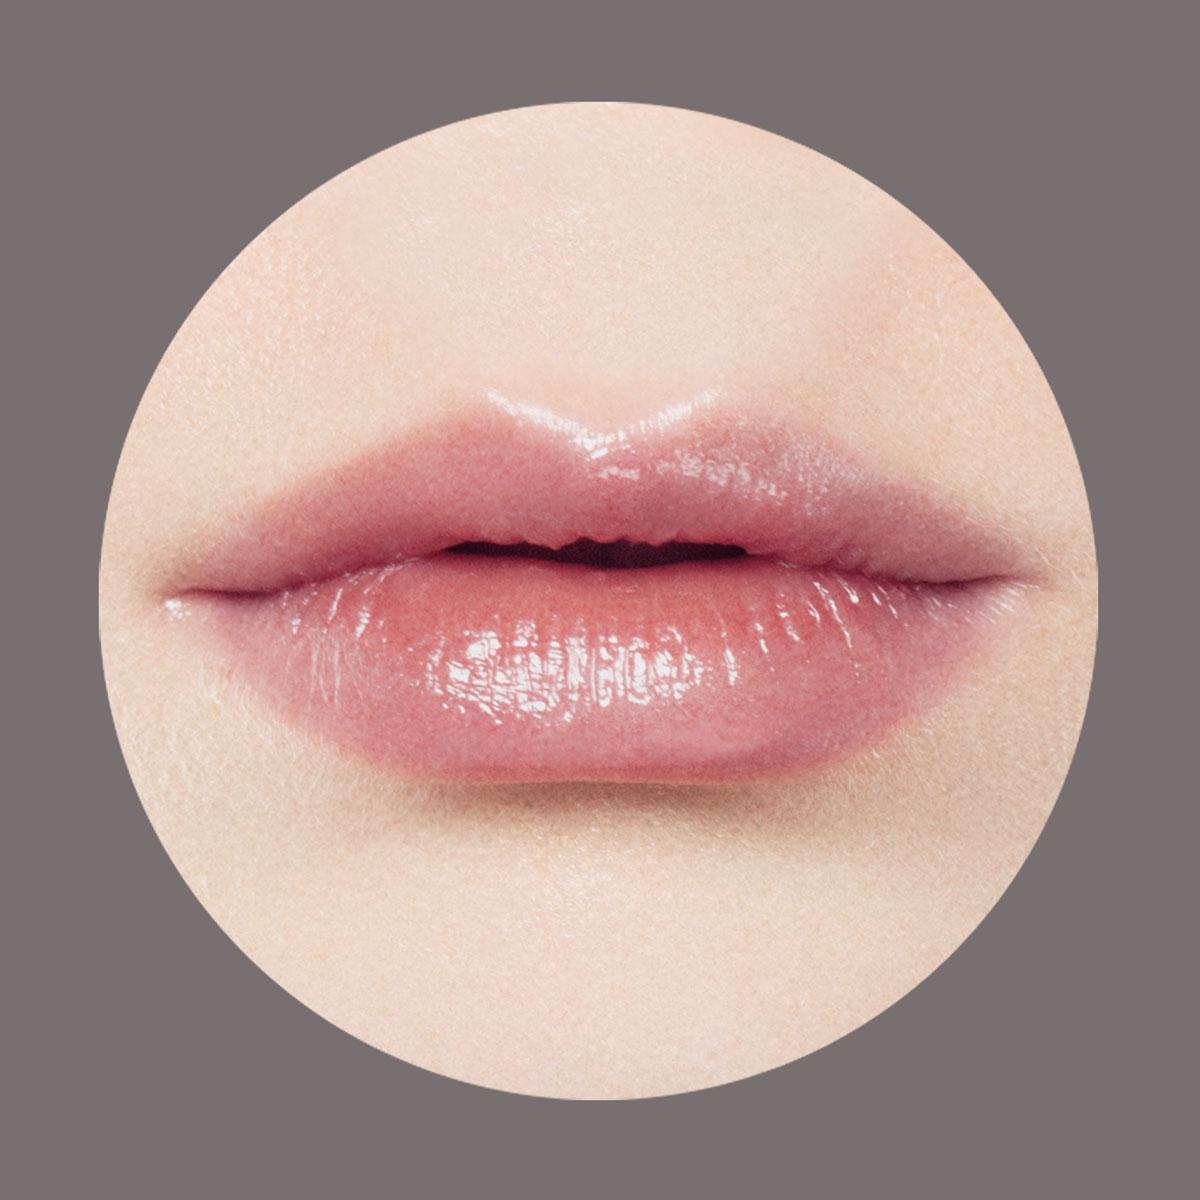 NYA‐聯名限量系列黑潤唇膏